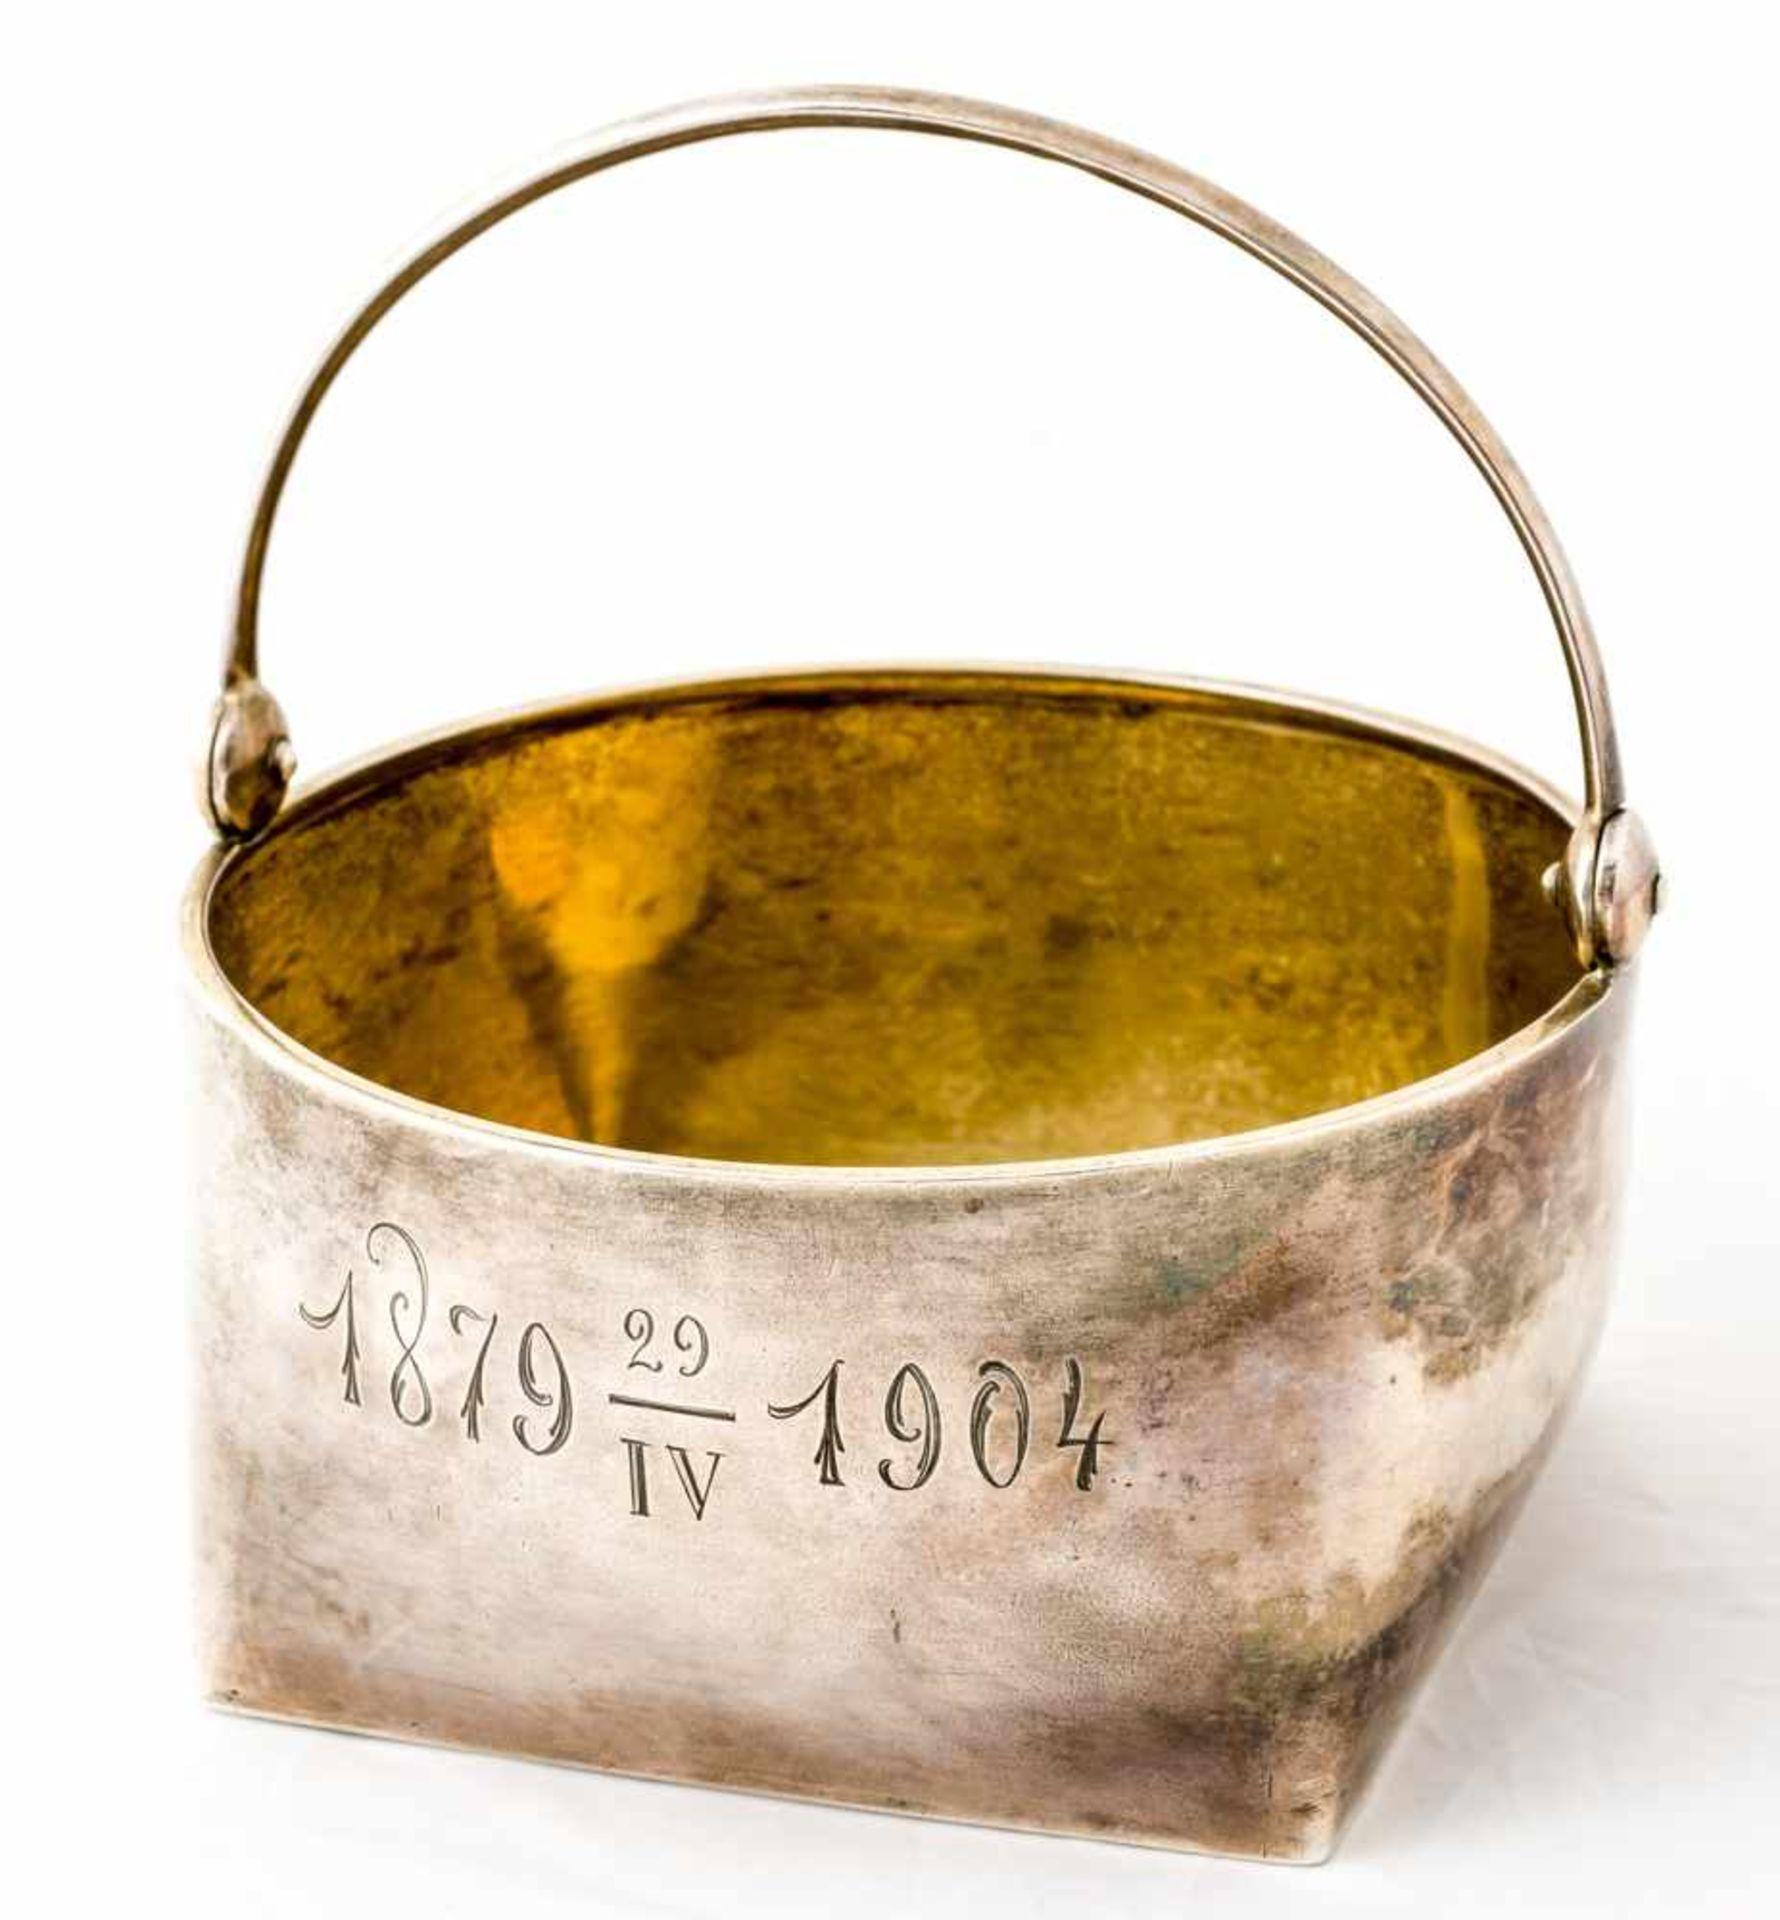 Henkelschale Russland, Silber (140g), Moskau 1904 Beschaumeister: I. Lebedkin Meister: Chlebnikov